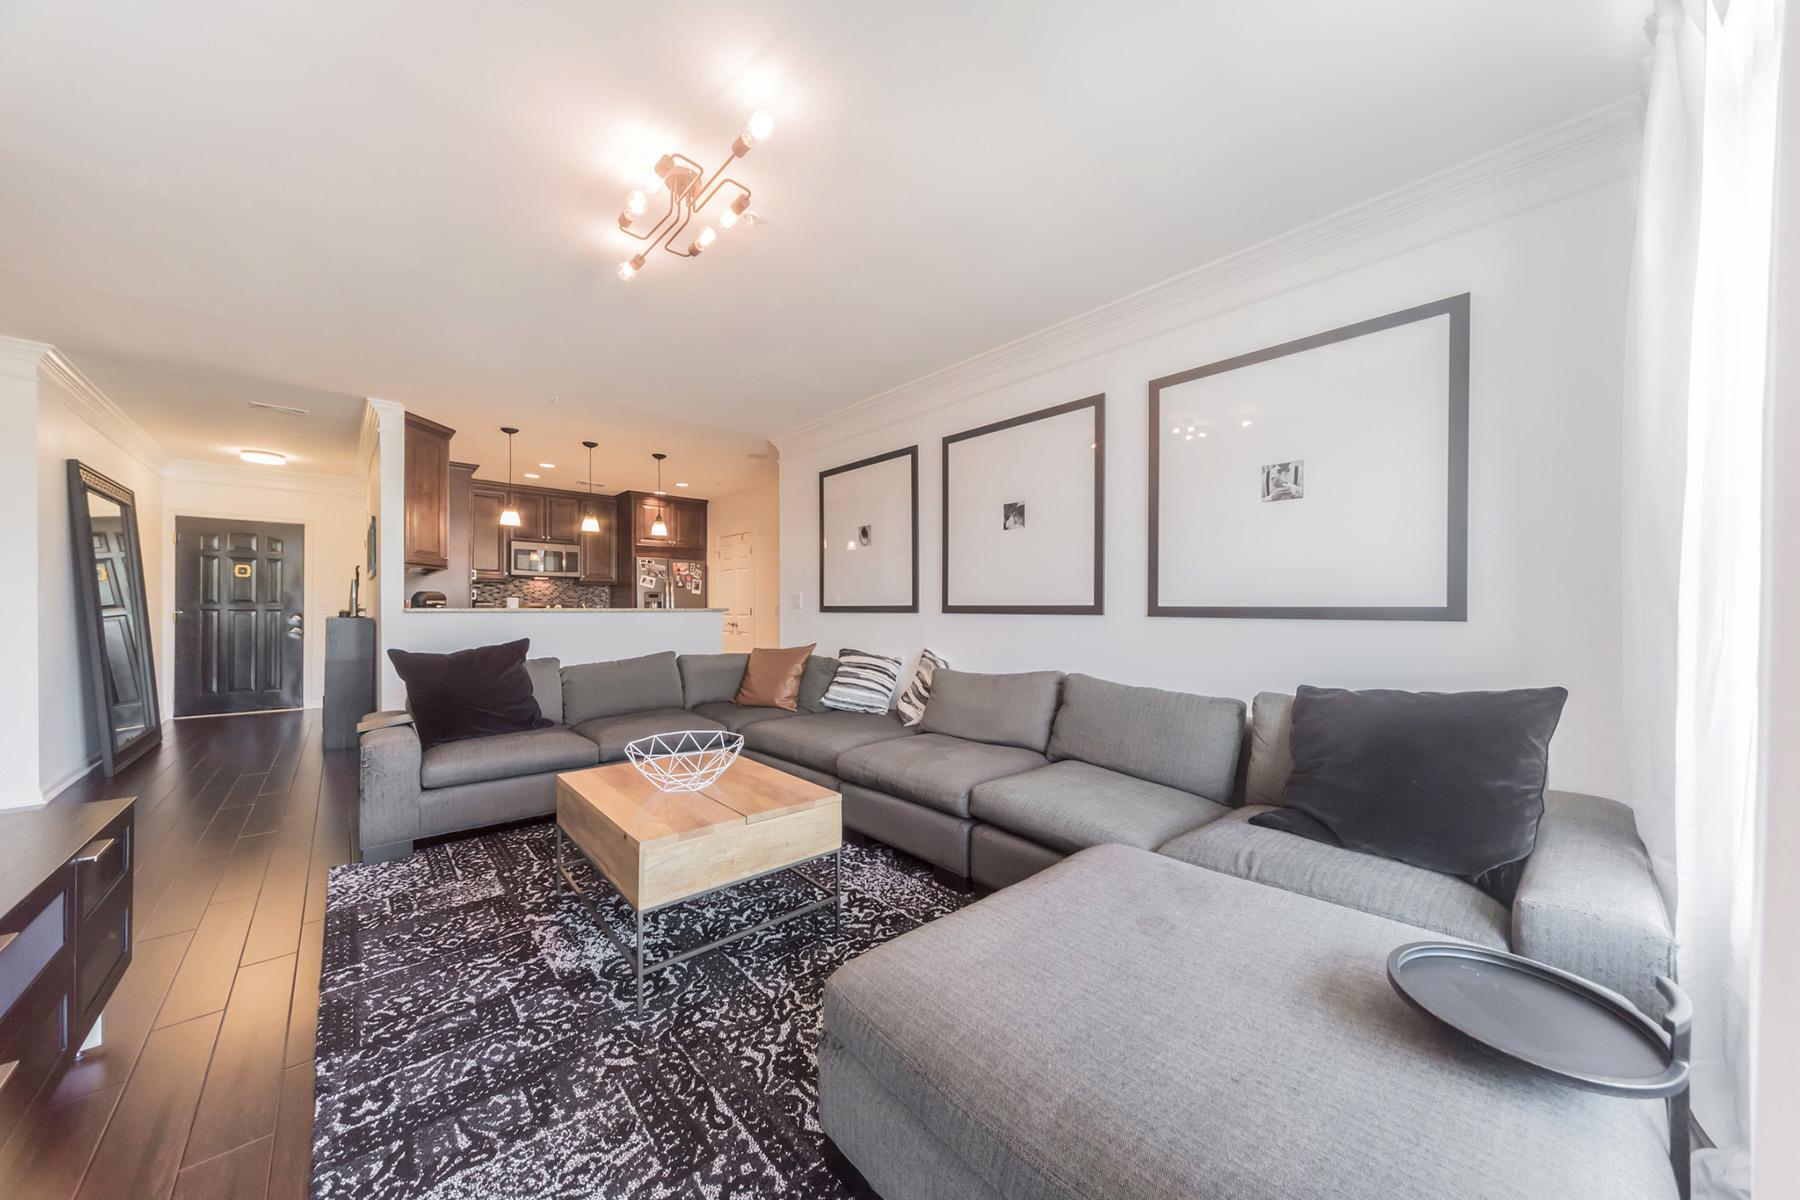 Single Family Homes のために 売買 アット Contemporary Modern Designed Condo At Meridian Buckhead 3334 Peachtree Road NE Unit 606, Atlanta, ジョージア 30326 アメリカ